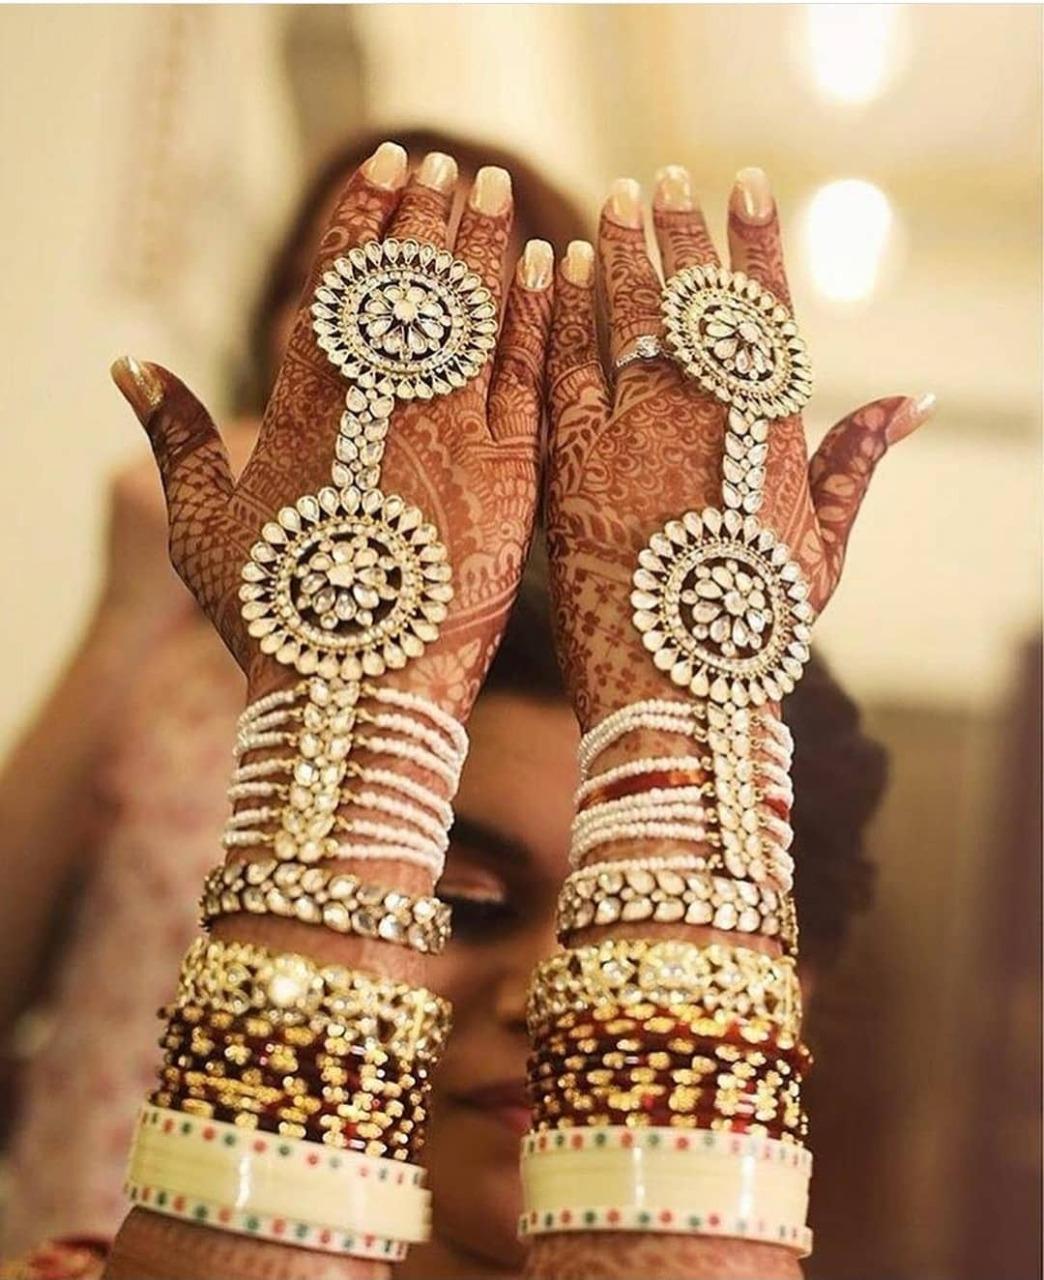 मेहंदी वालों हाथों में पहने हुए हाथफूल दुल्हन की ग्रेस को और भी बढ़ा देते हैं।